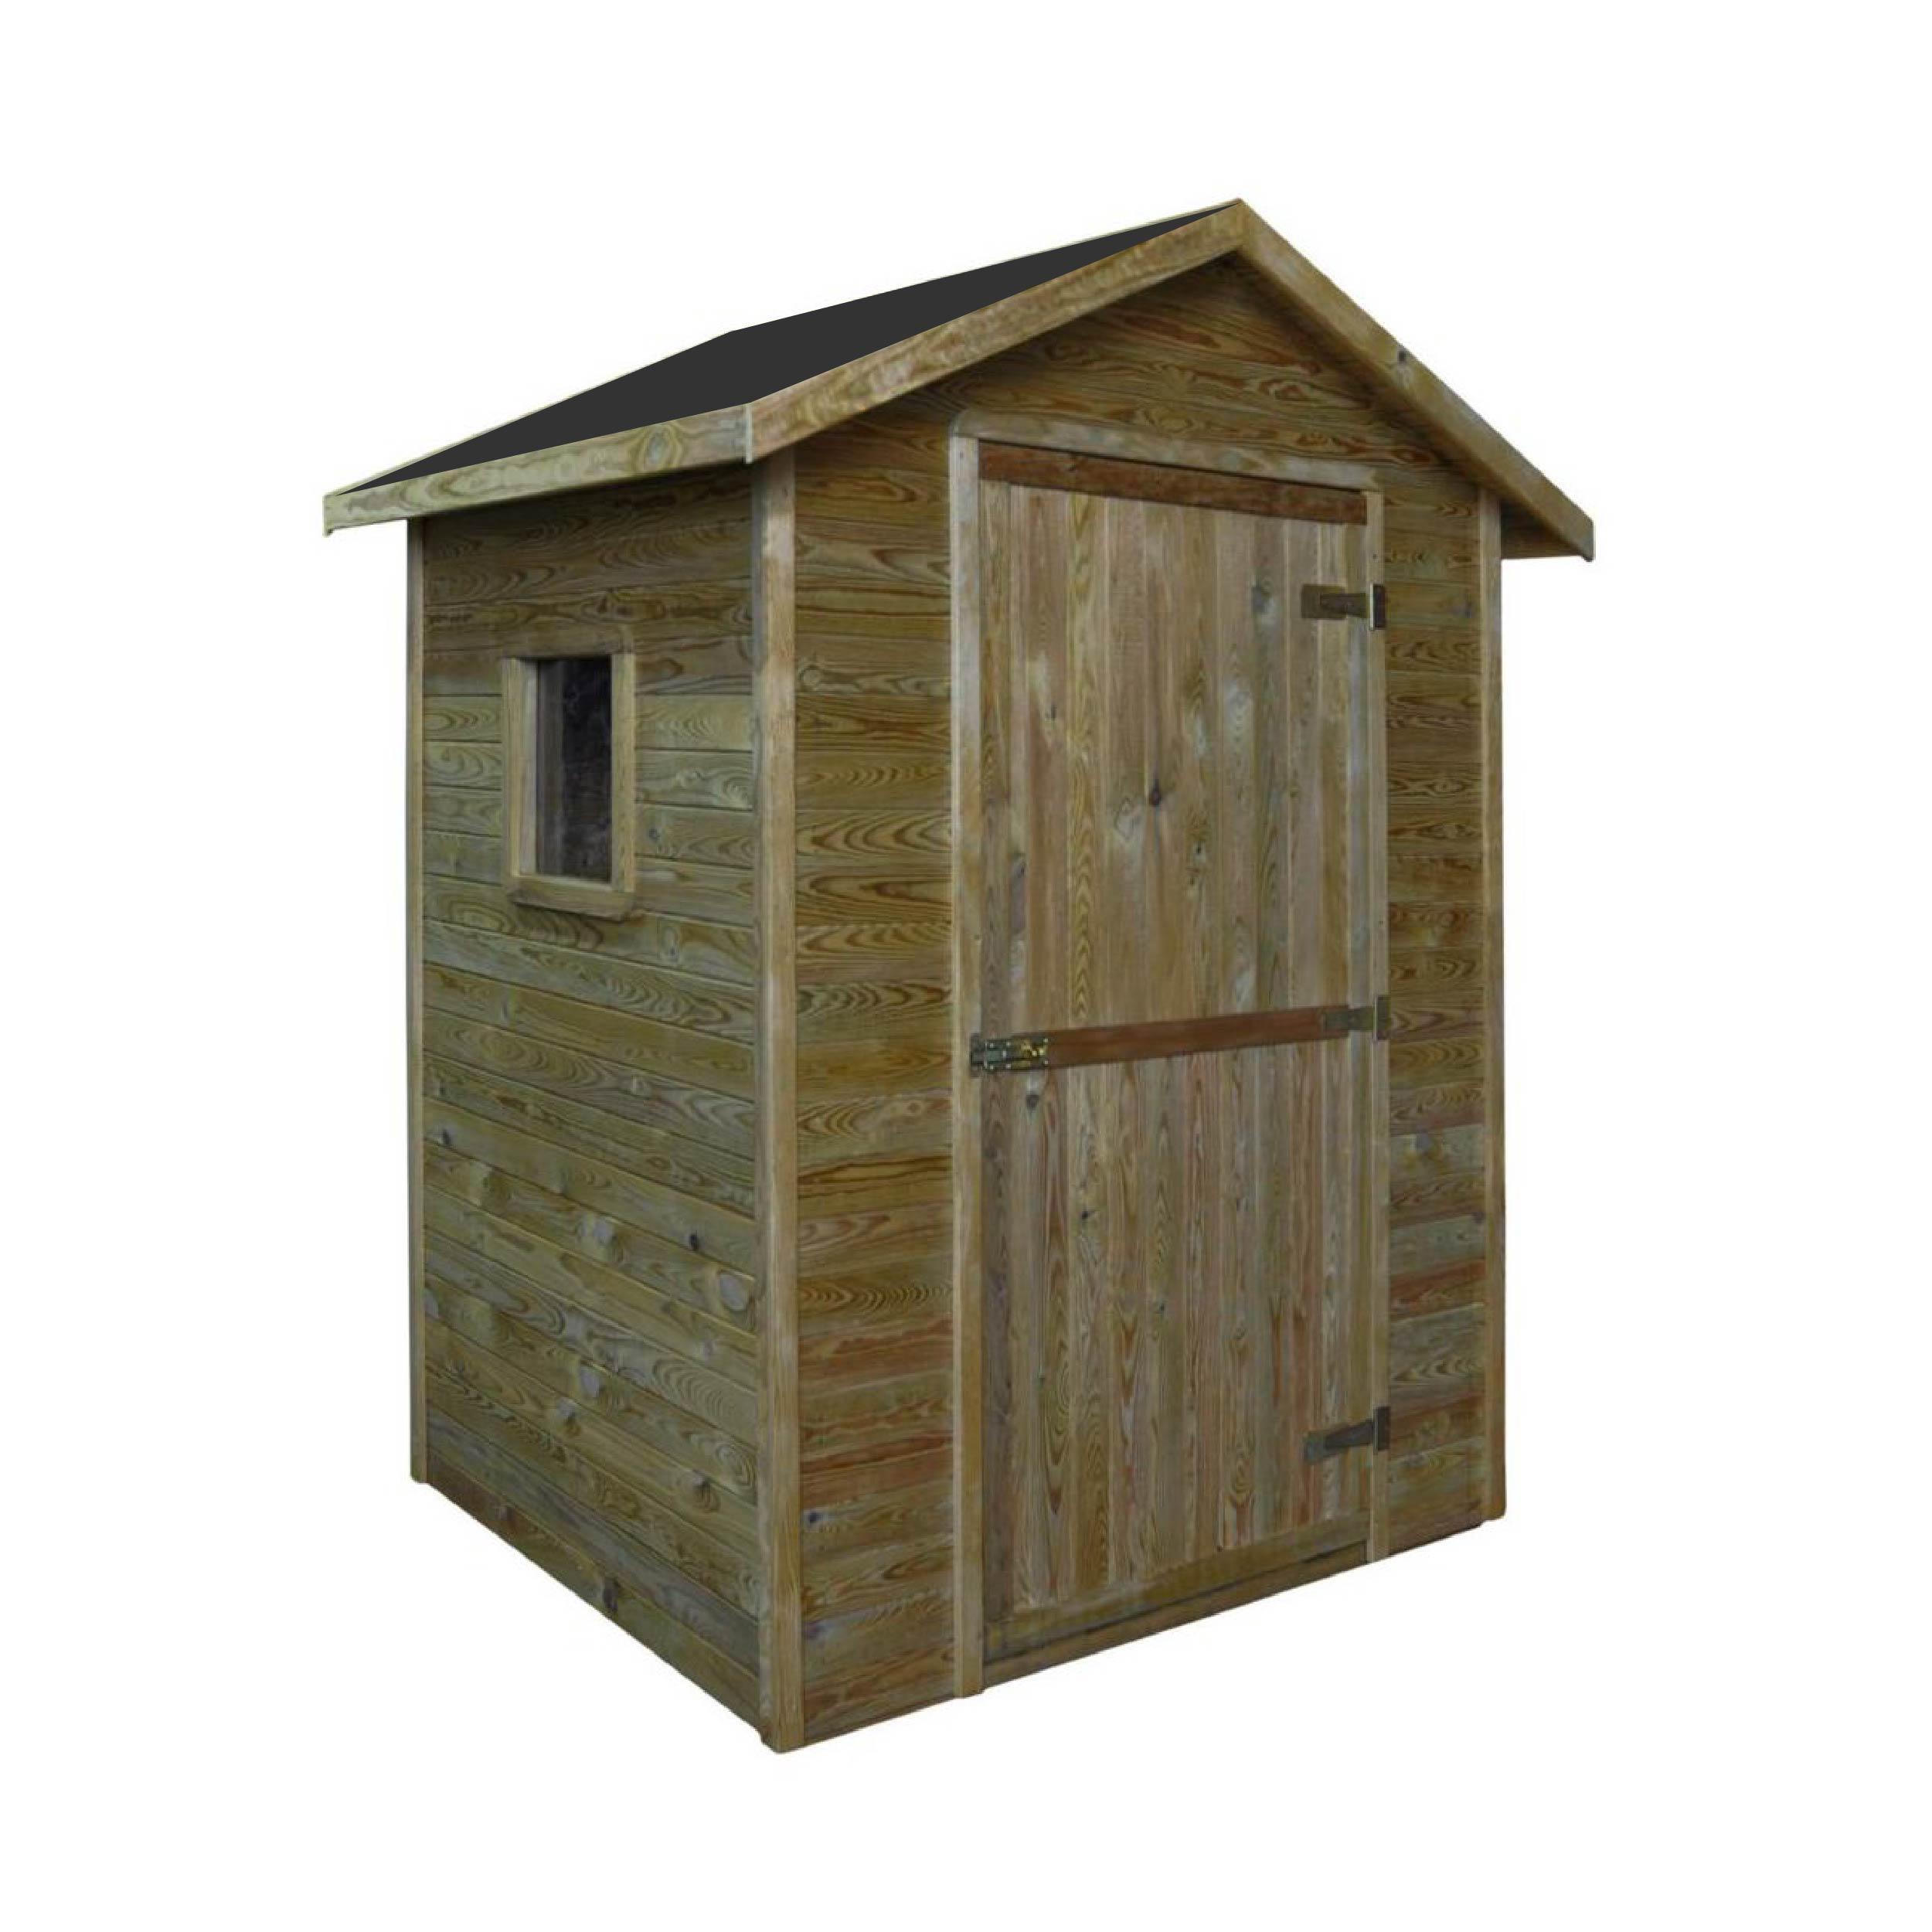 Zahradní dřevěný domek 1,8x1,8m, (16mm) s oknem, MATARO